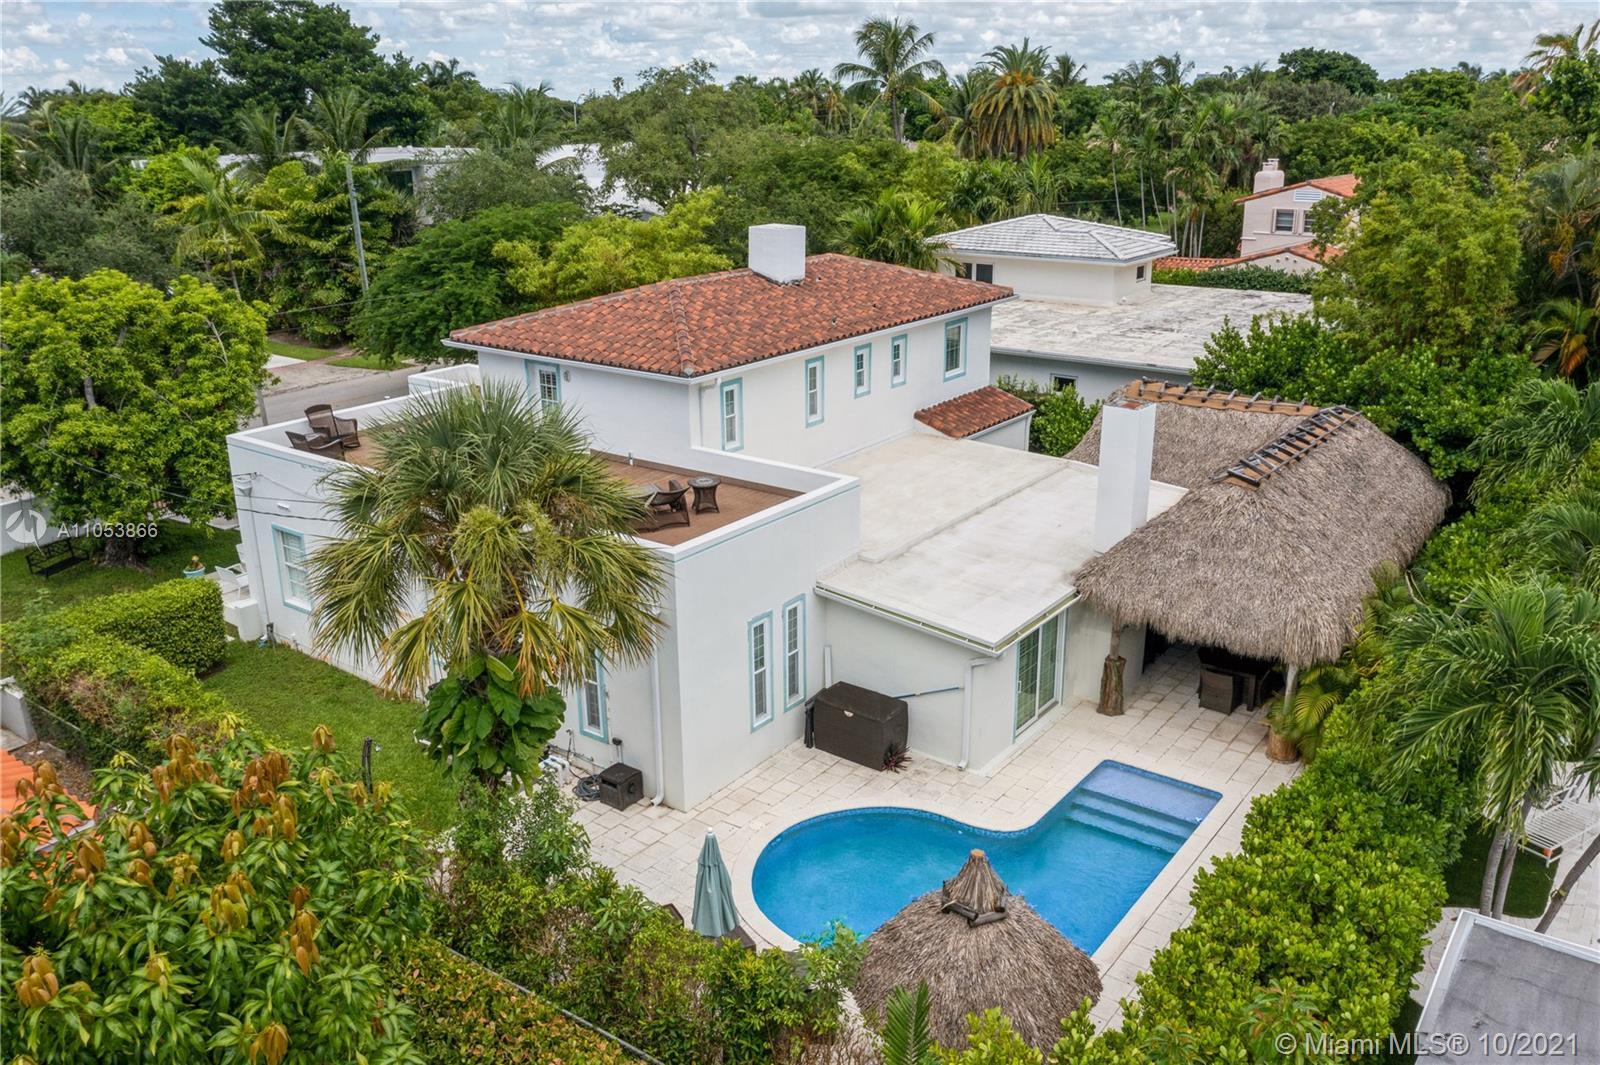 4321 Nautilus Dr, Miami Beach, Florida 33140